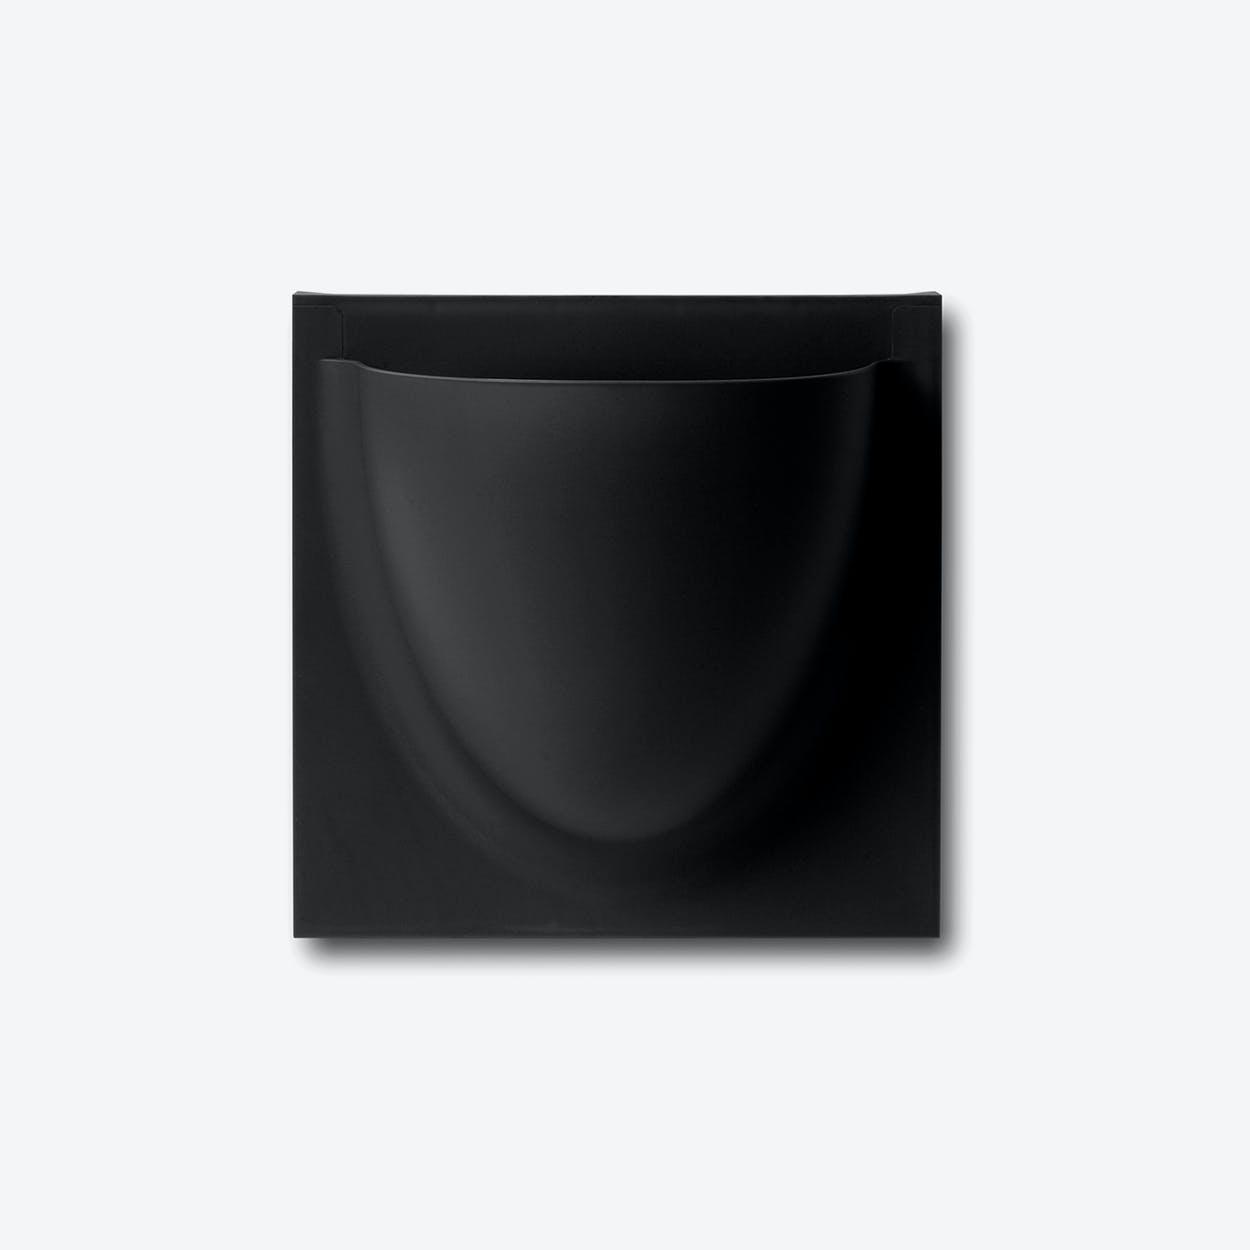 Wall Planter / Jar Mini in Black (Set of 2)